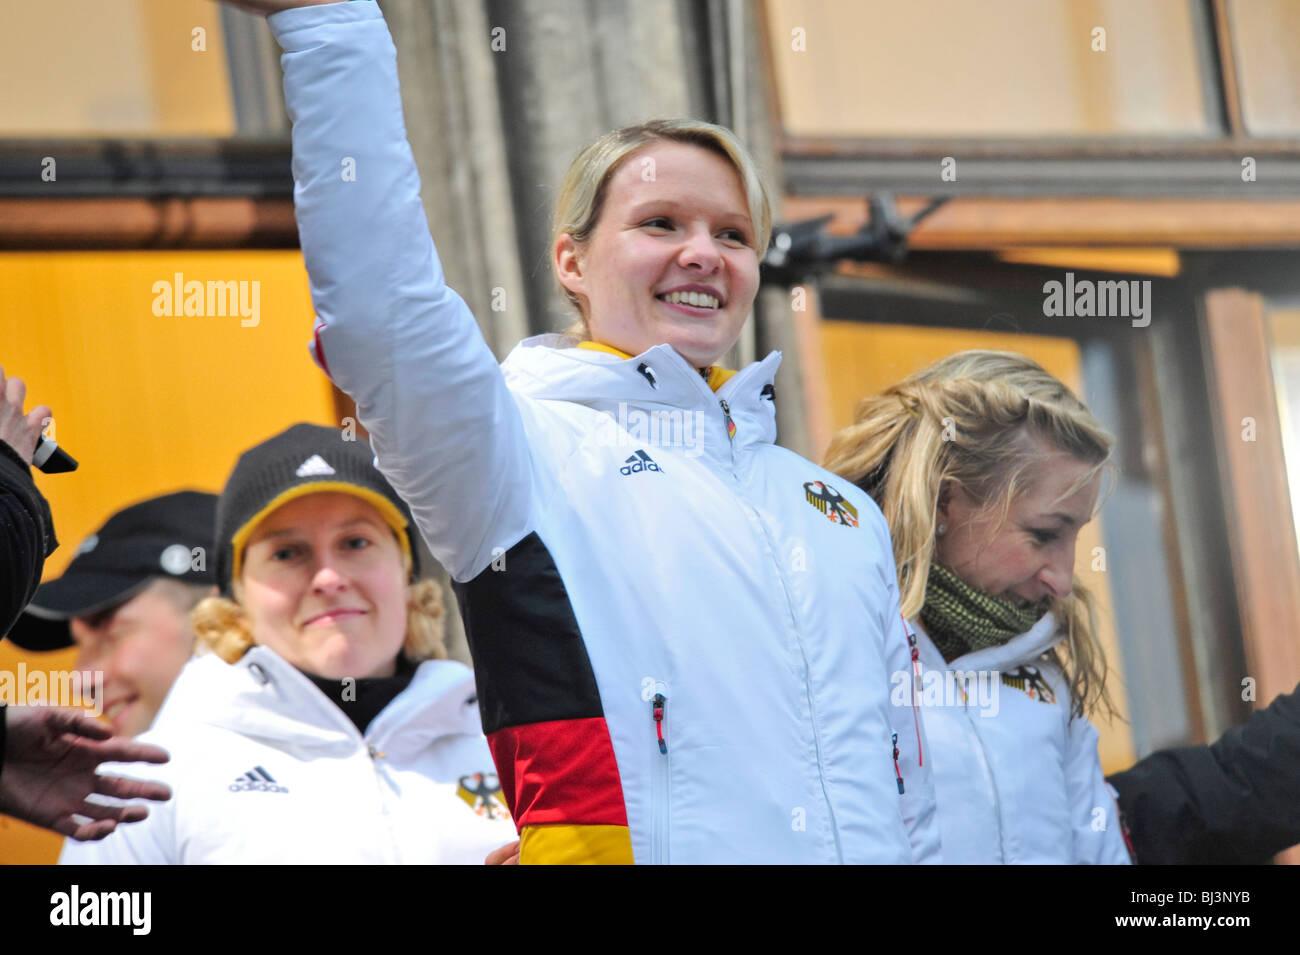 Stephanie Beckert, el patinador de velocidad, medallista de oro Olímpico, en la recepción de los participantes olímpicos Foto de stock